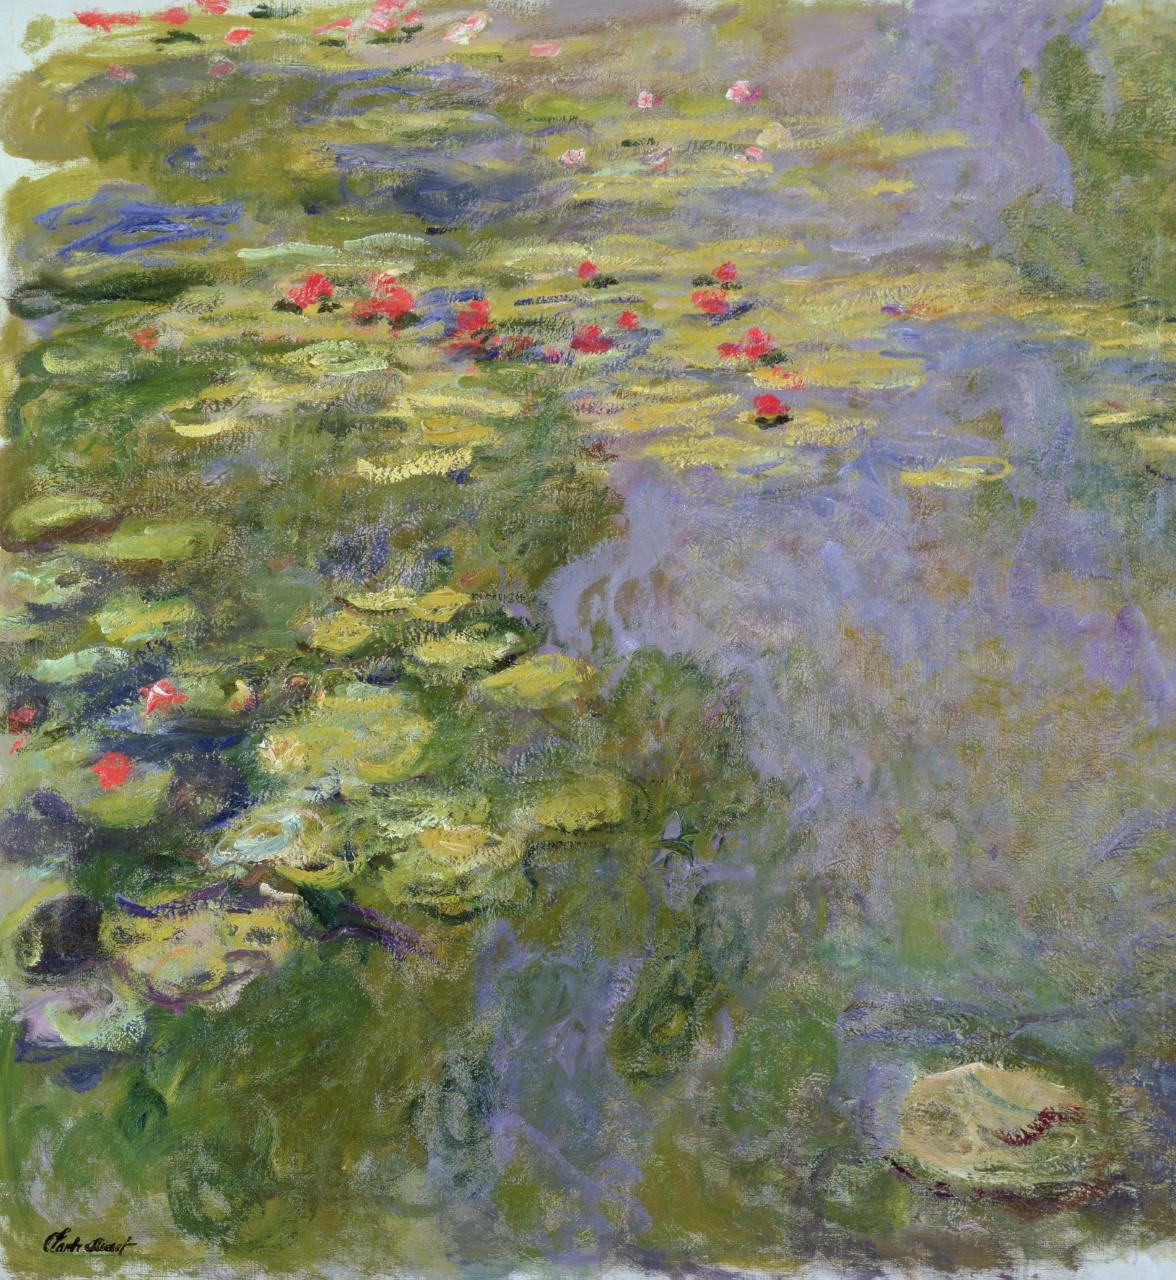 Dalle nebbie londinesi ai riflessi umidi di Giverny. Le luci di Monet si rivelano a Milano